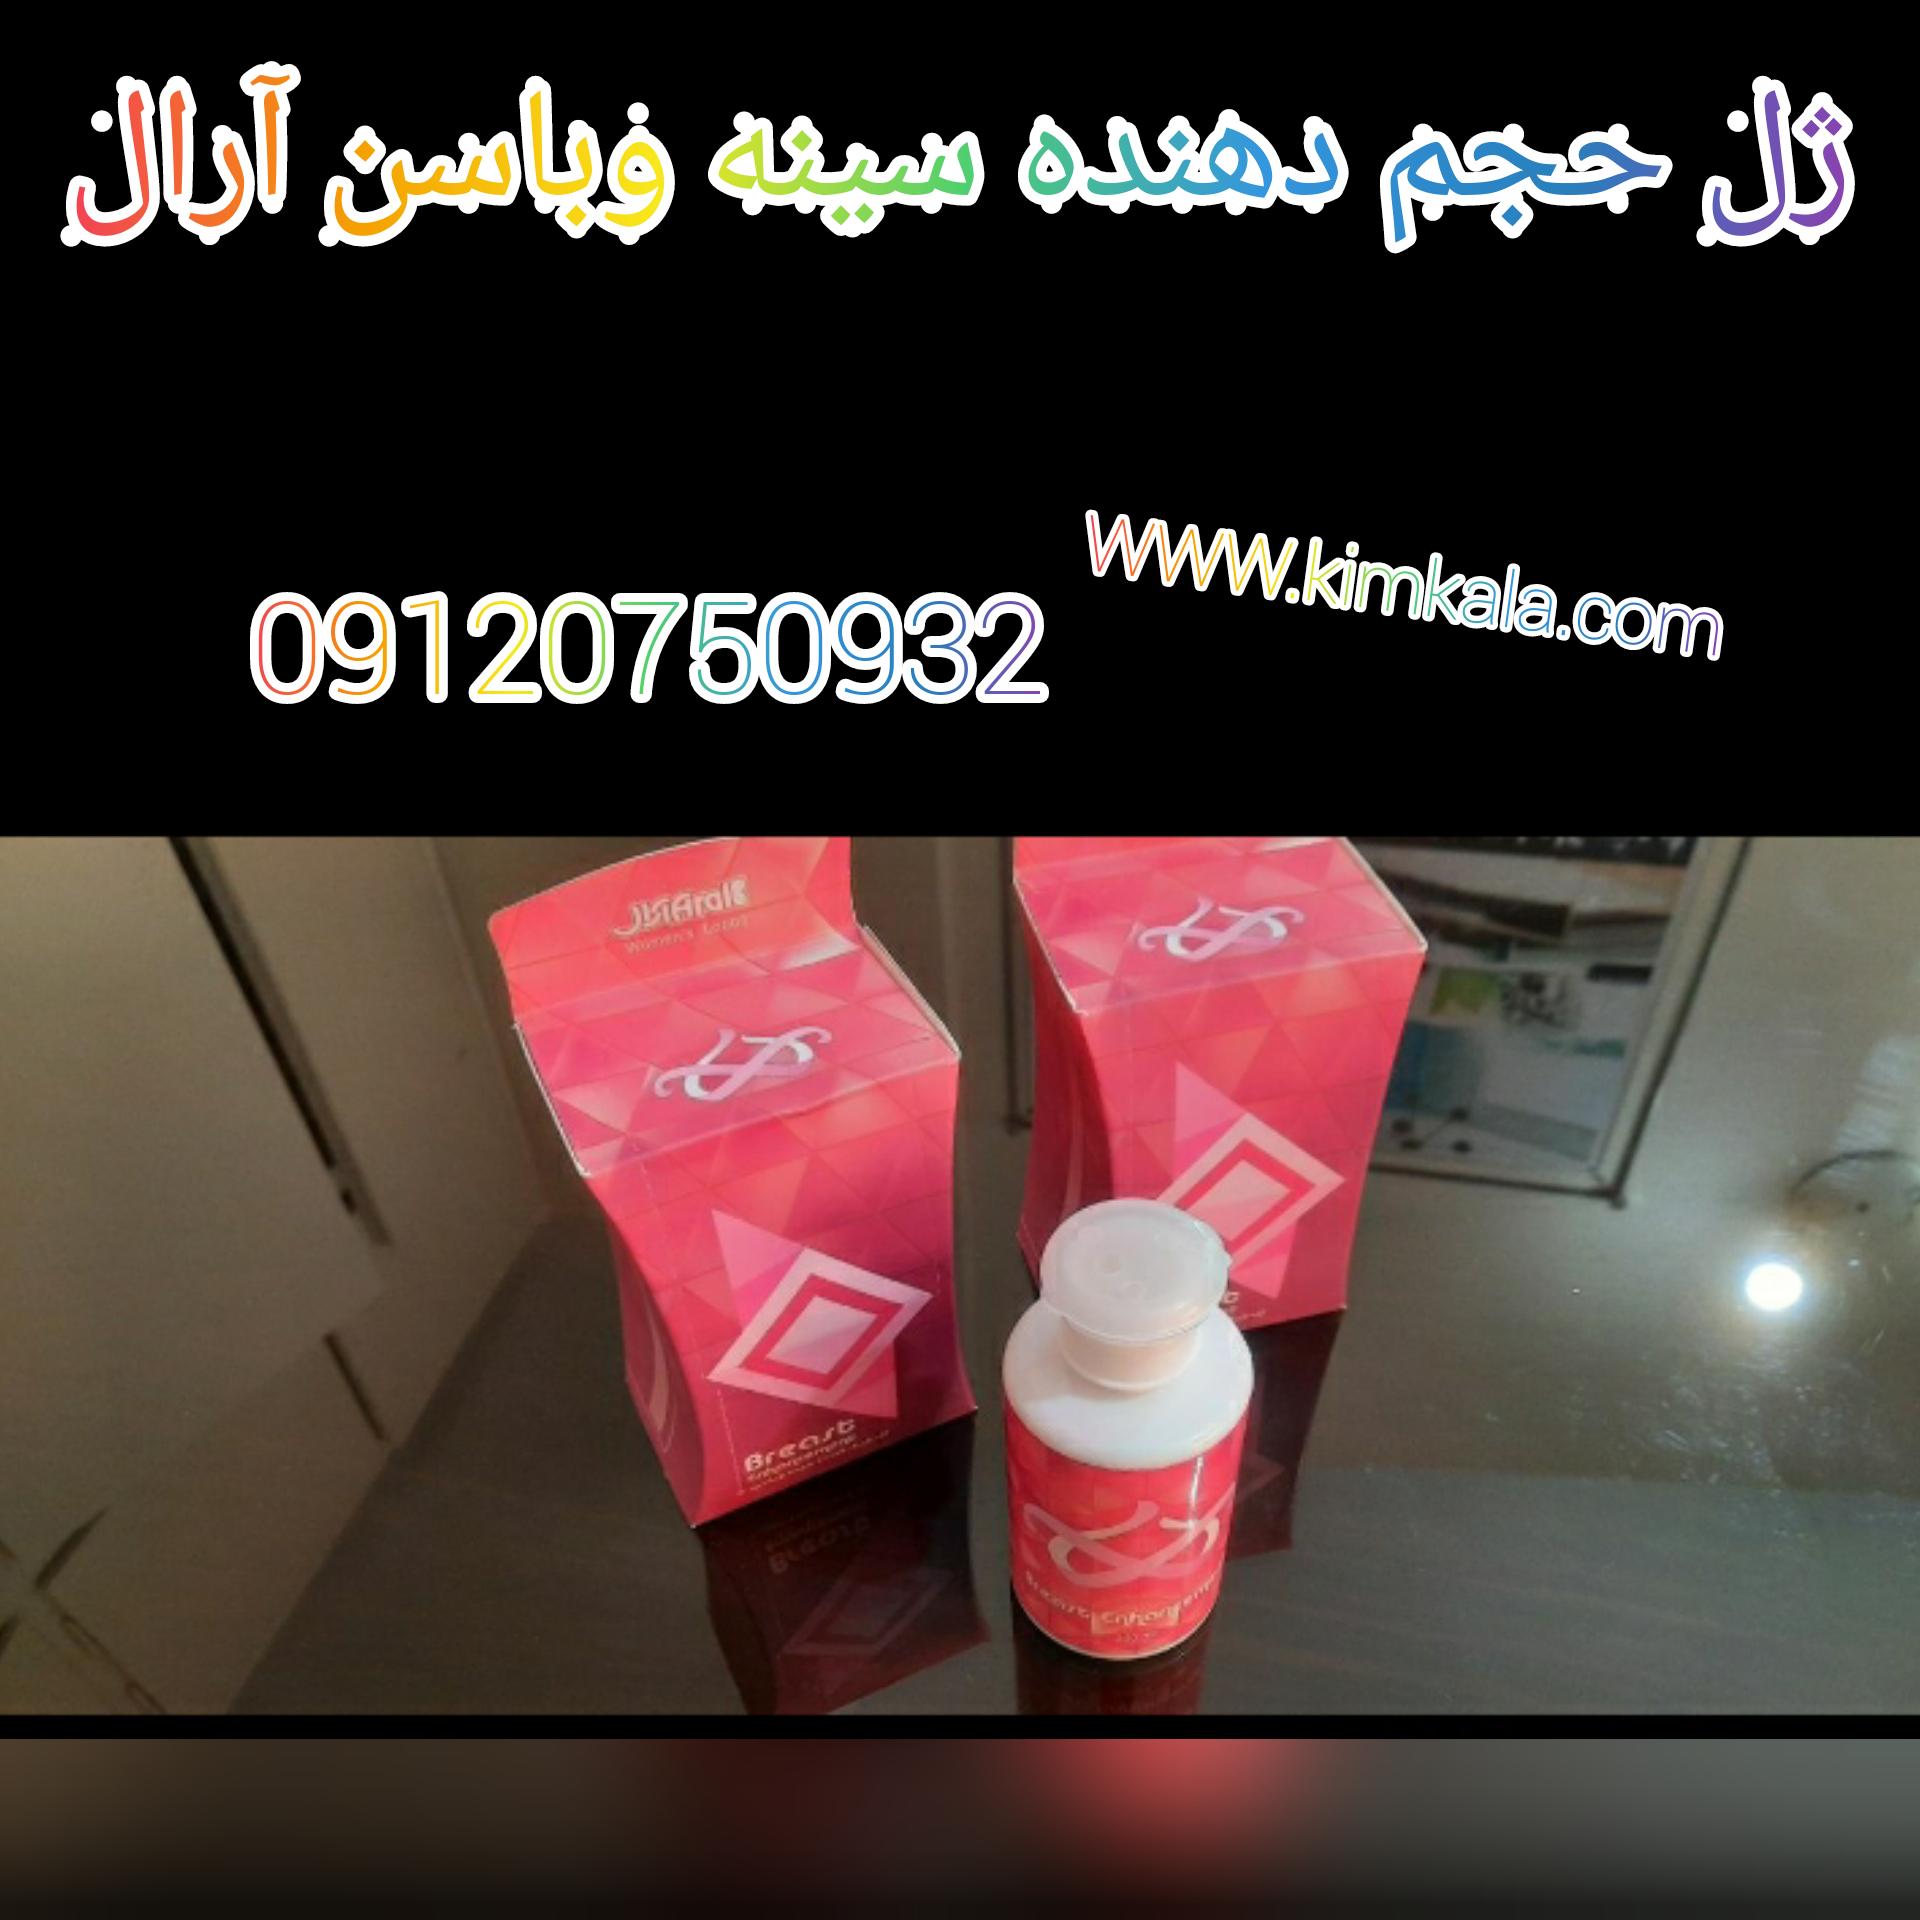 ژل حجم دهنده سینه و باسن آرال/09120750932/ترکیبات ژل حجم دهنده